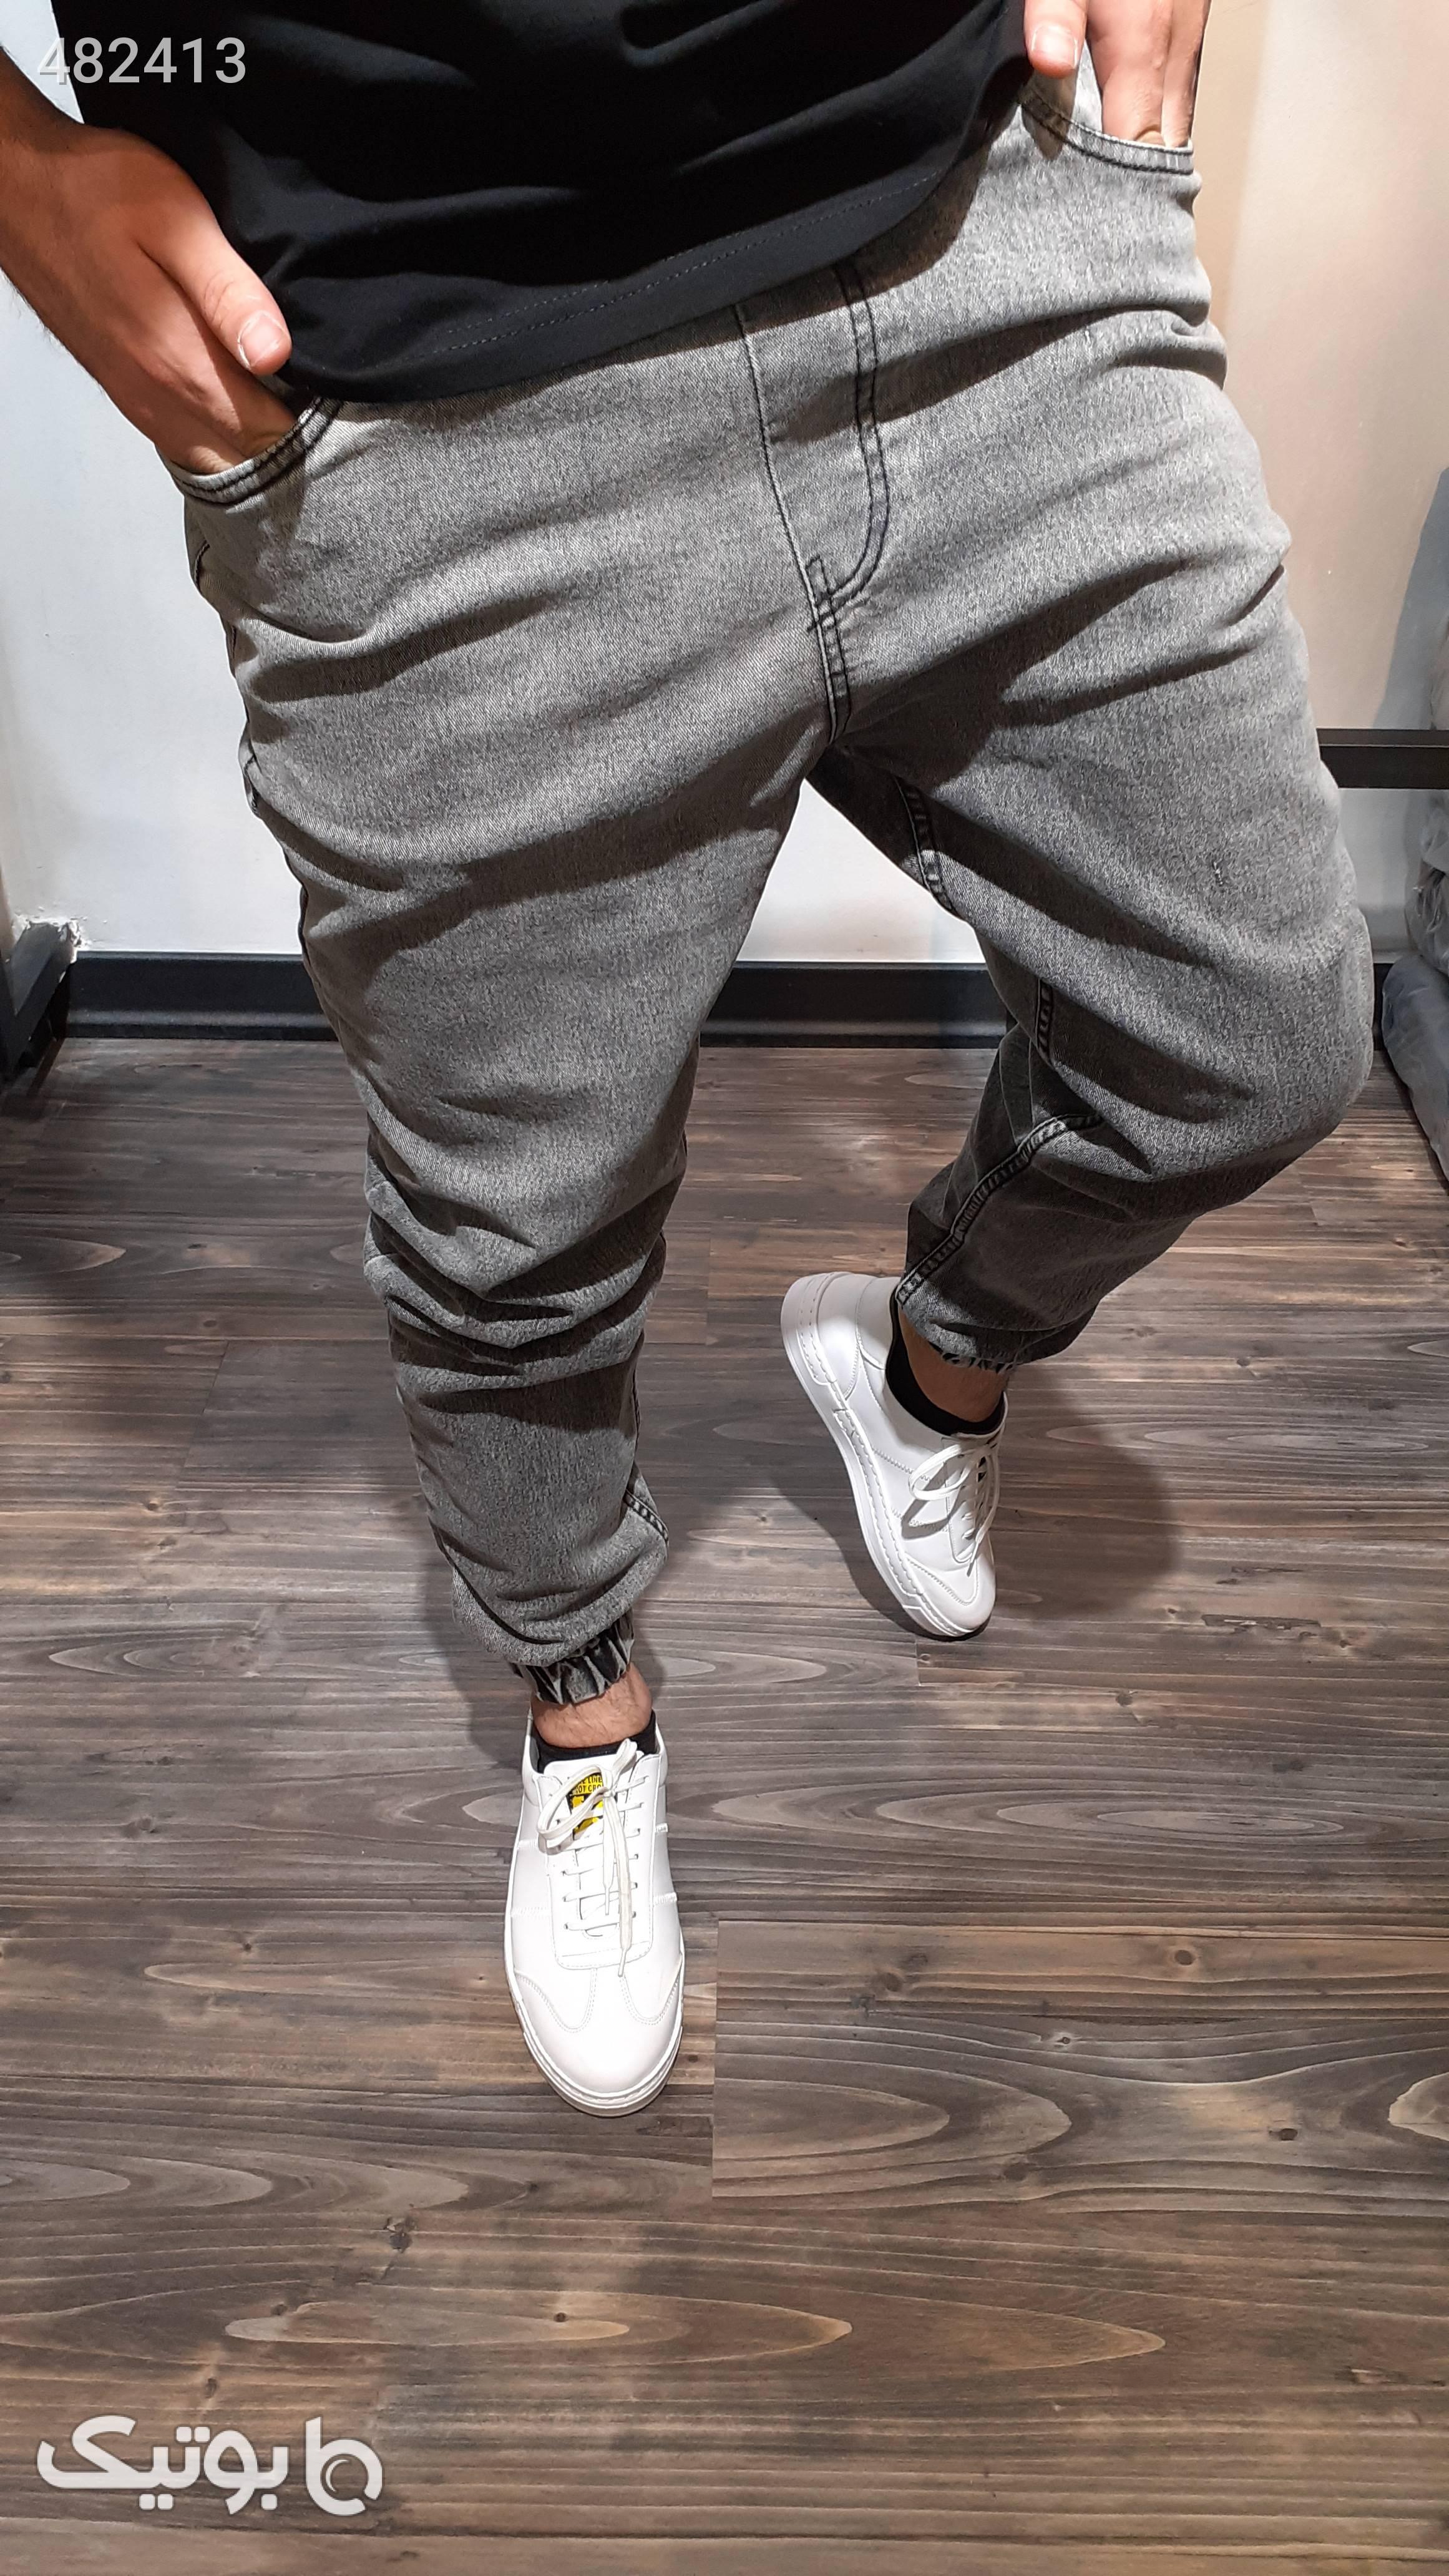 شلوار اسلش جین طوسی سبز شلوار مردانه پارچه ای و کتان مردانه